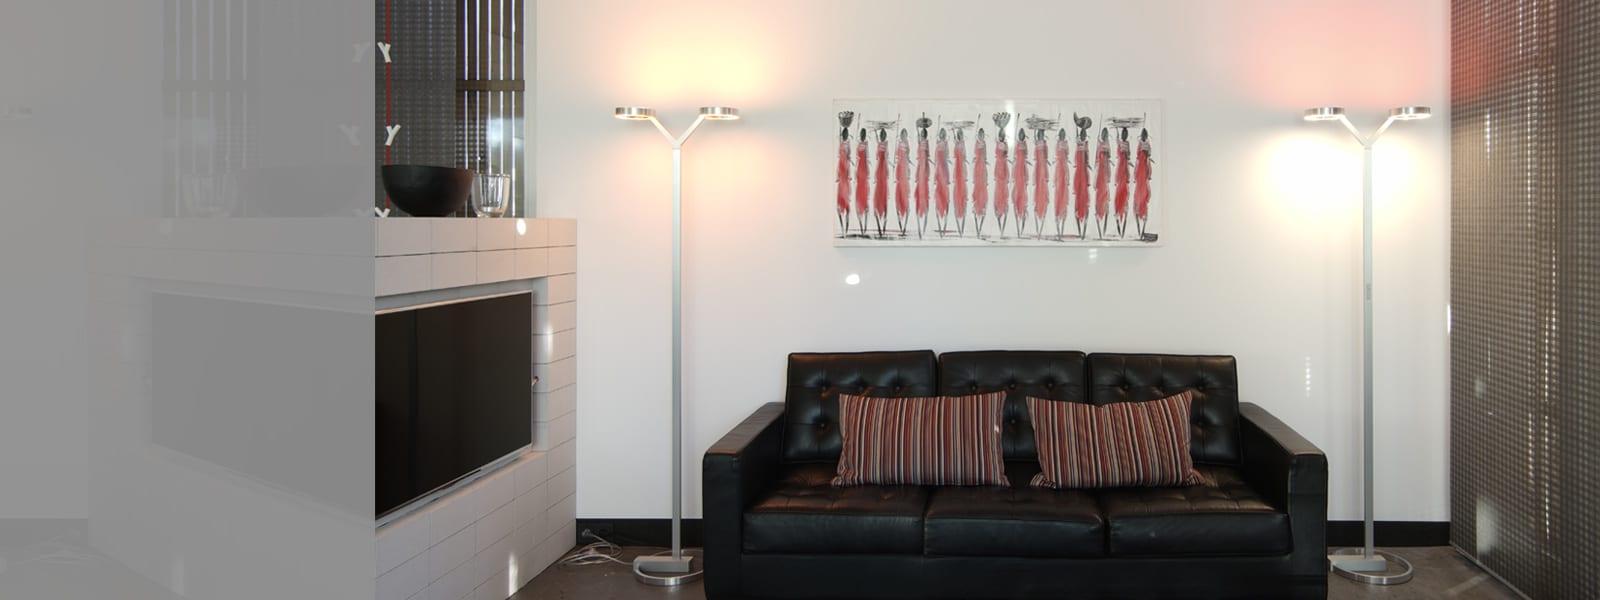 sigllicht lampen und leuchten in m nchen. Black Bedroom Furniture Sets. Home Design Ideas